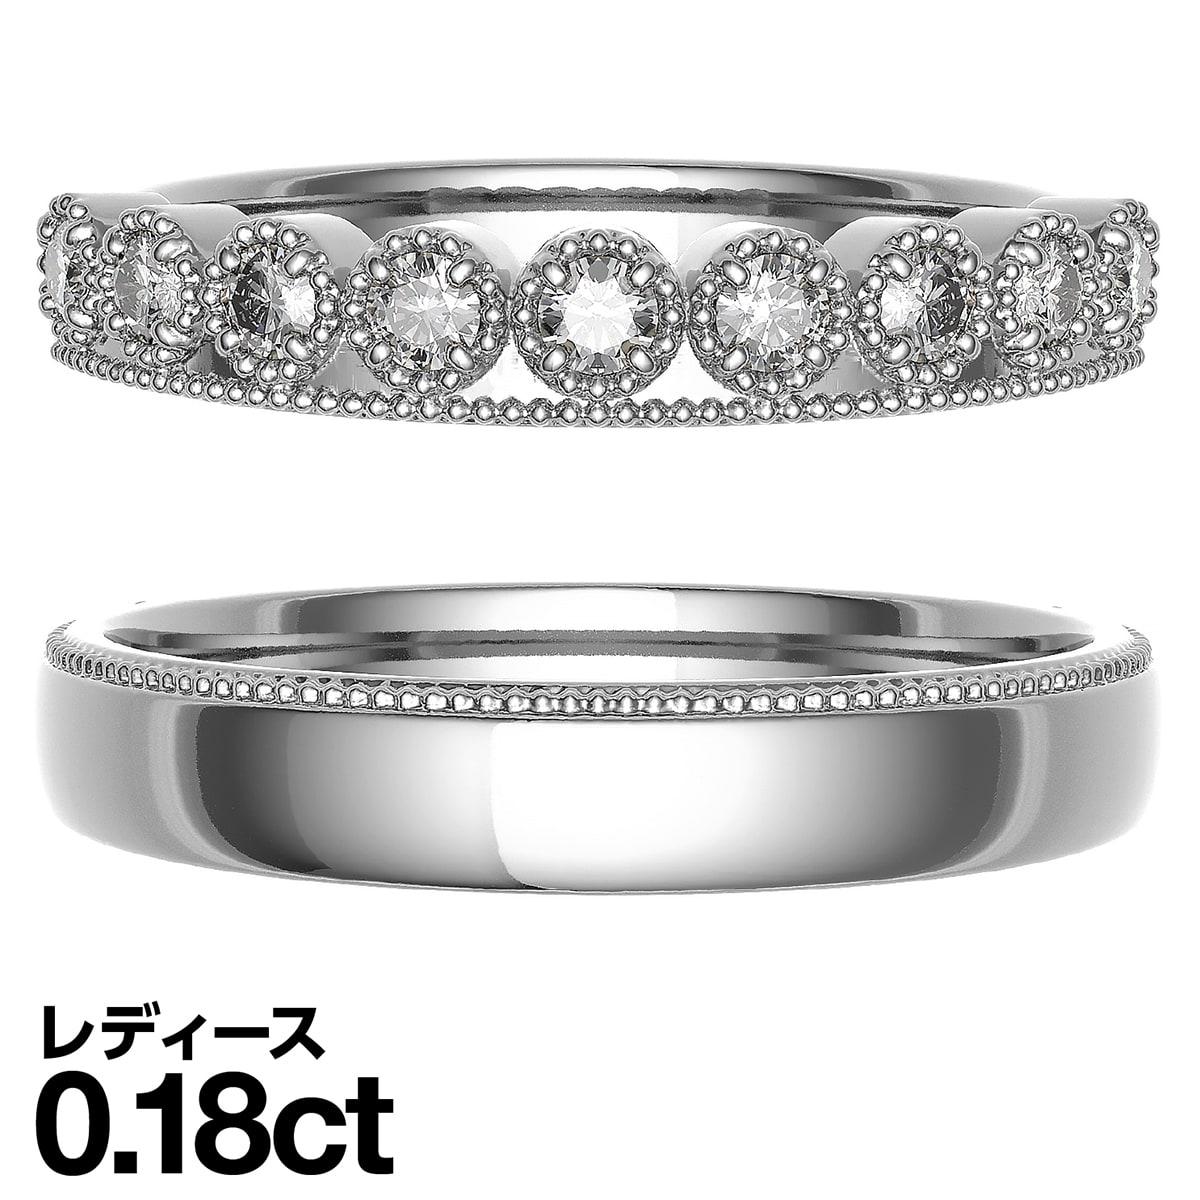 今年も話題の 結婚指輪 マリッジリング プラチナ900 ダイヤモンド 2本セット 品質保証書 金属アレルギー 日本製 クリスマス ギフト プレゼント, 出水市 cdeeeac2